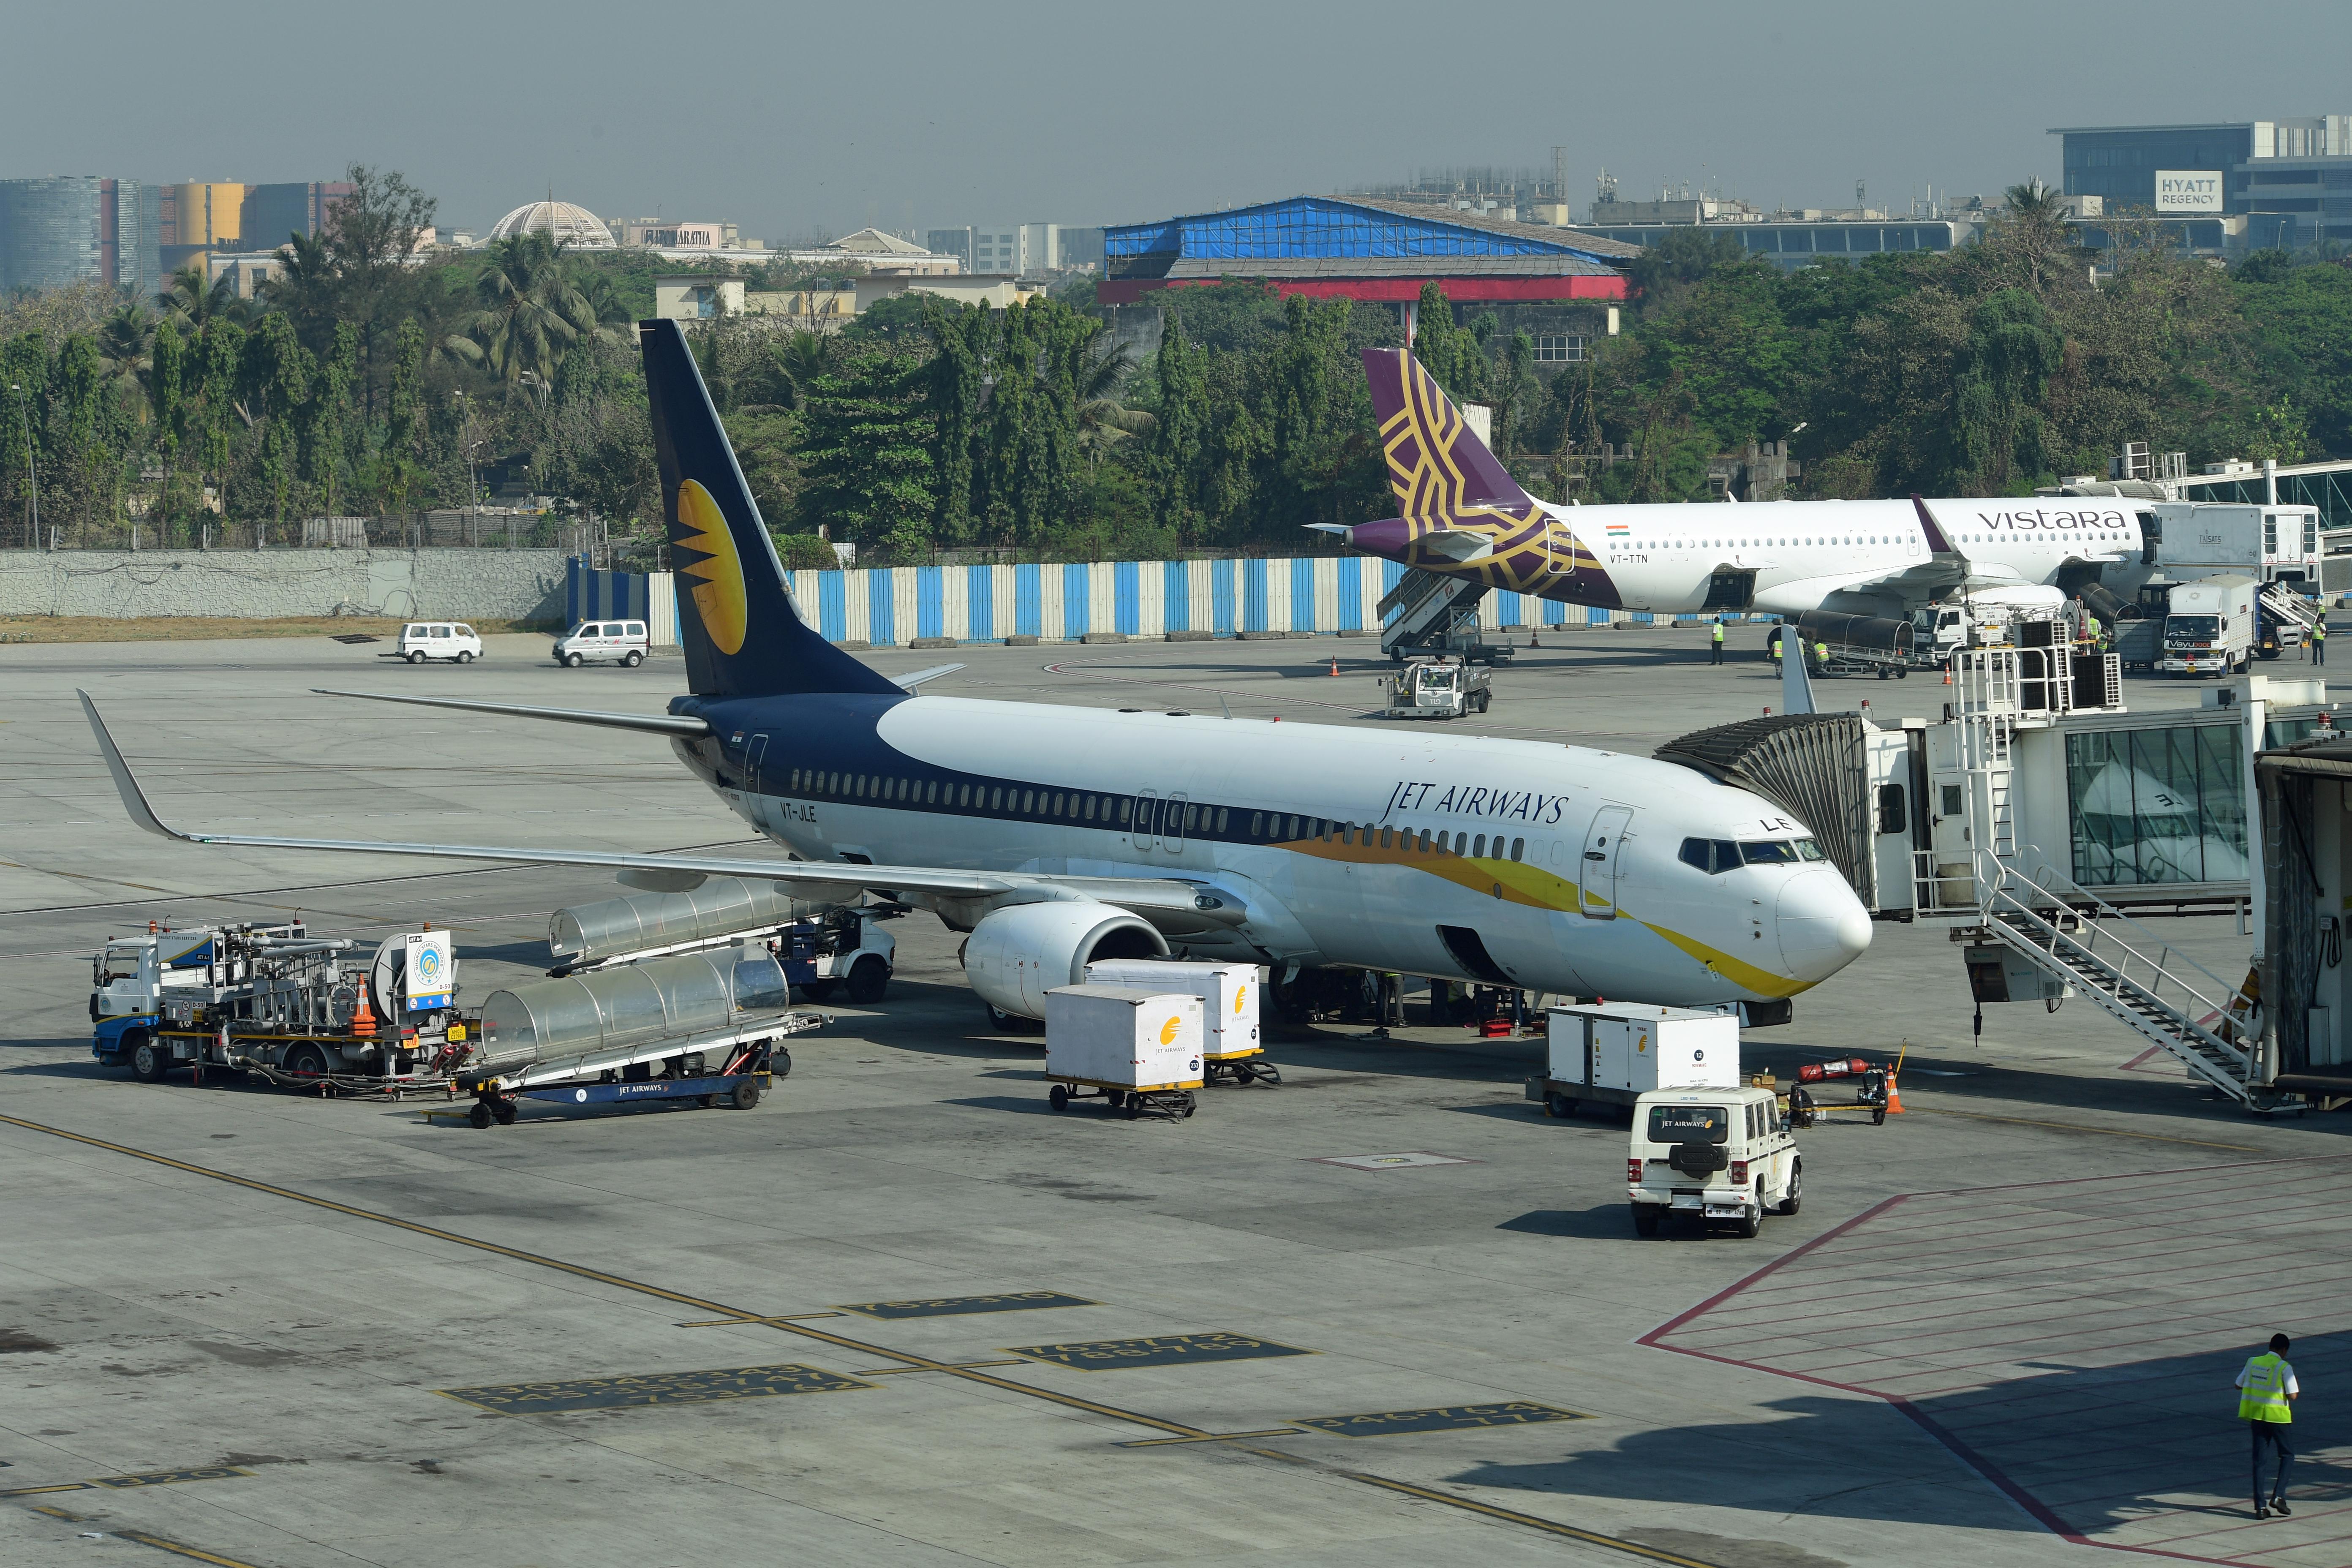 dg267402-jet-airways-boeing-737-800-vt-jle-mumbai-india-27-2-17